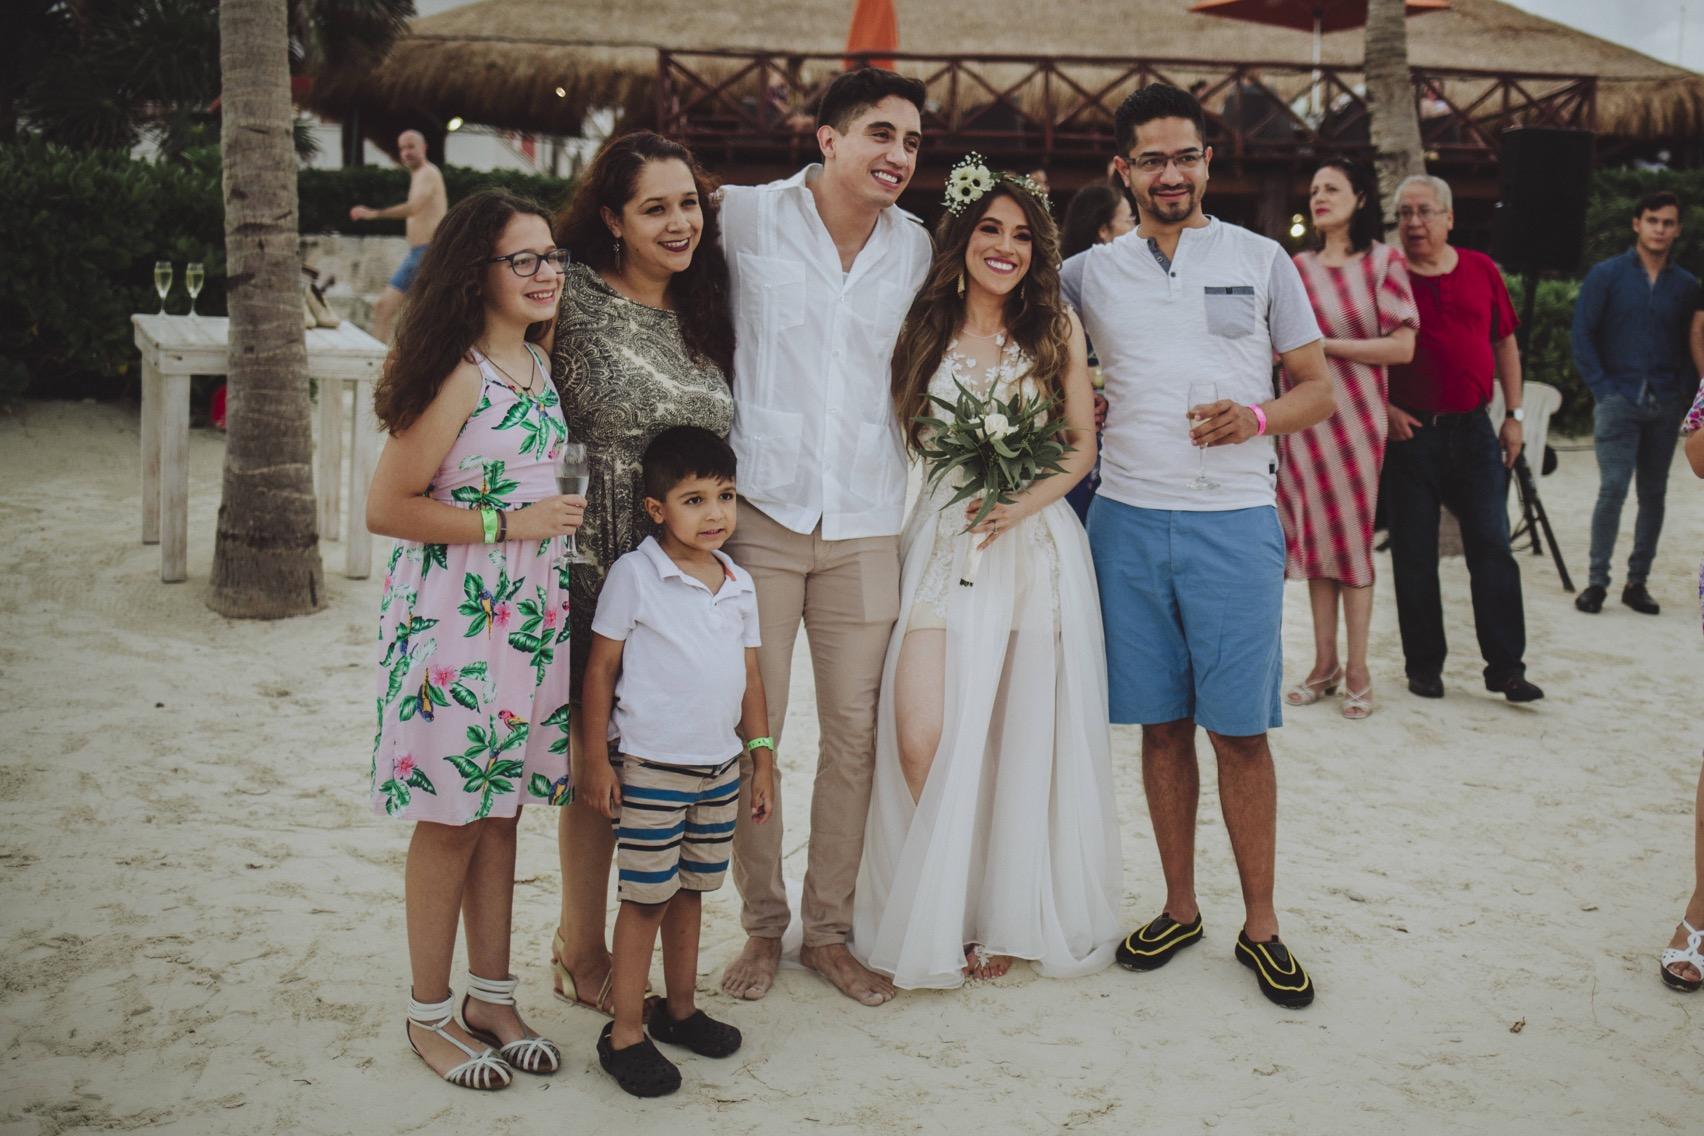 fotografo_bodas_profesional_zacatecas_riviera_maya_cancun-111